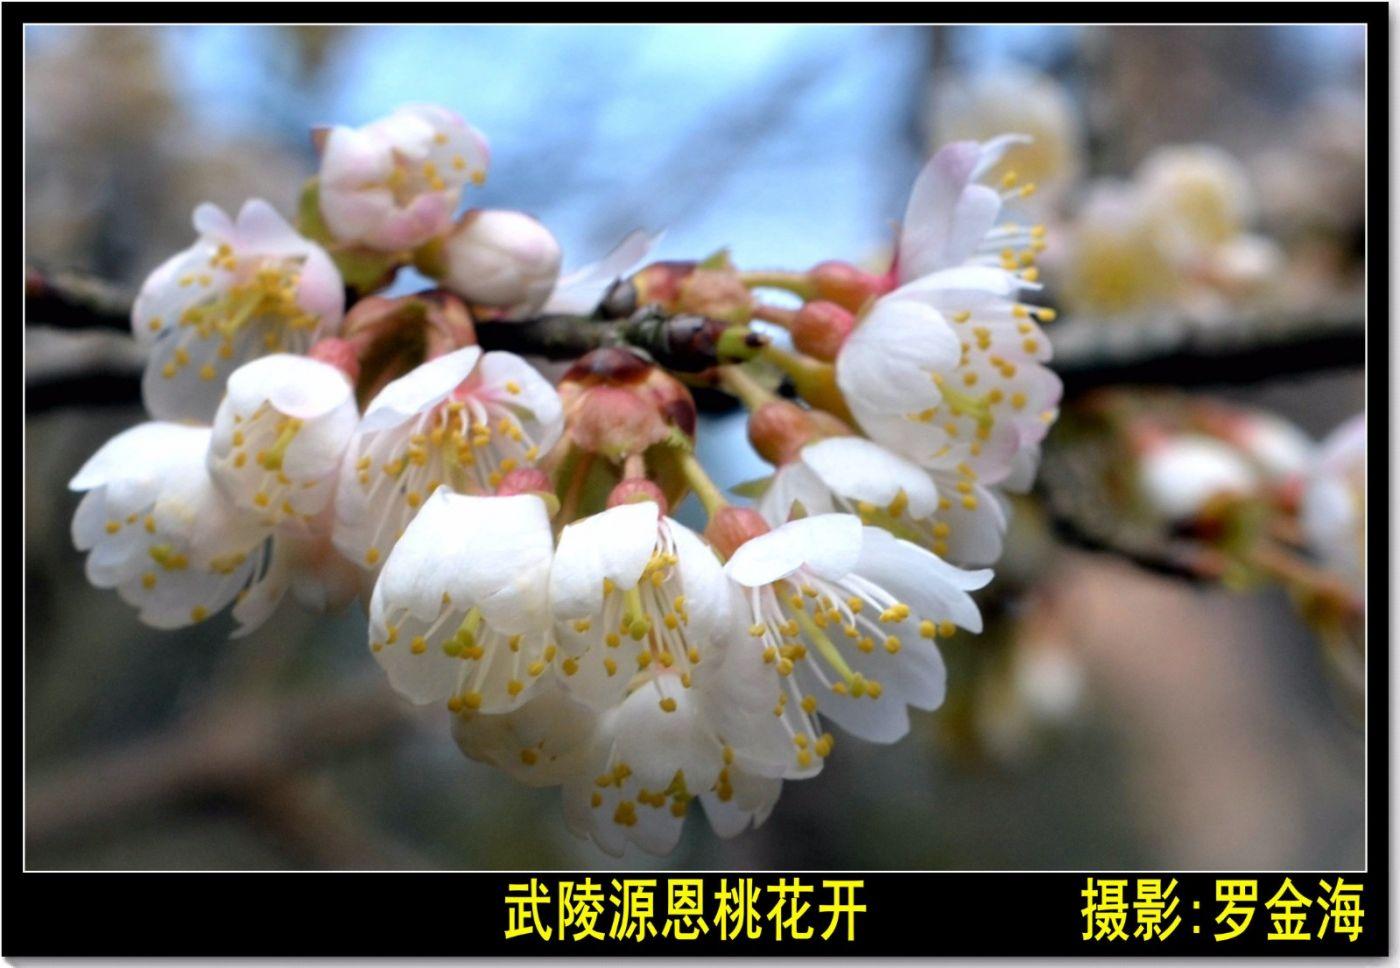 画堂春·春分日(诗词二首)_图1-1